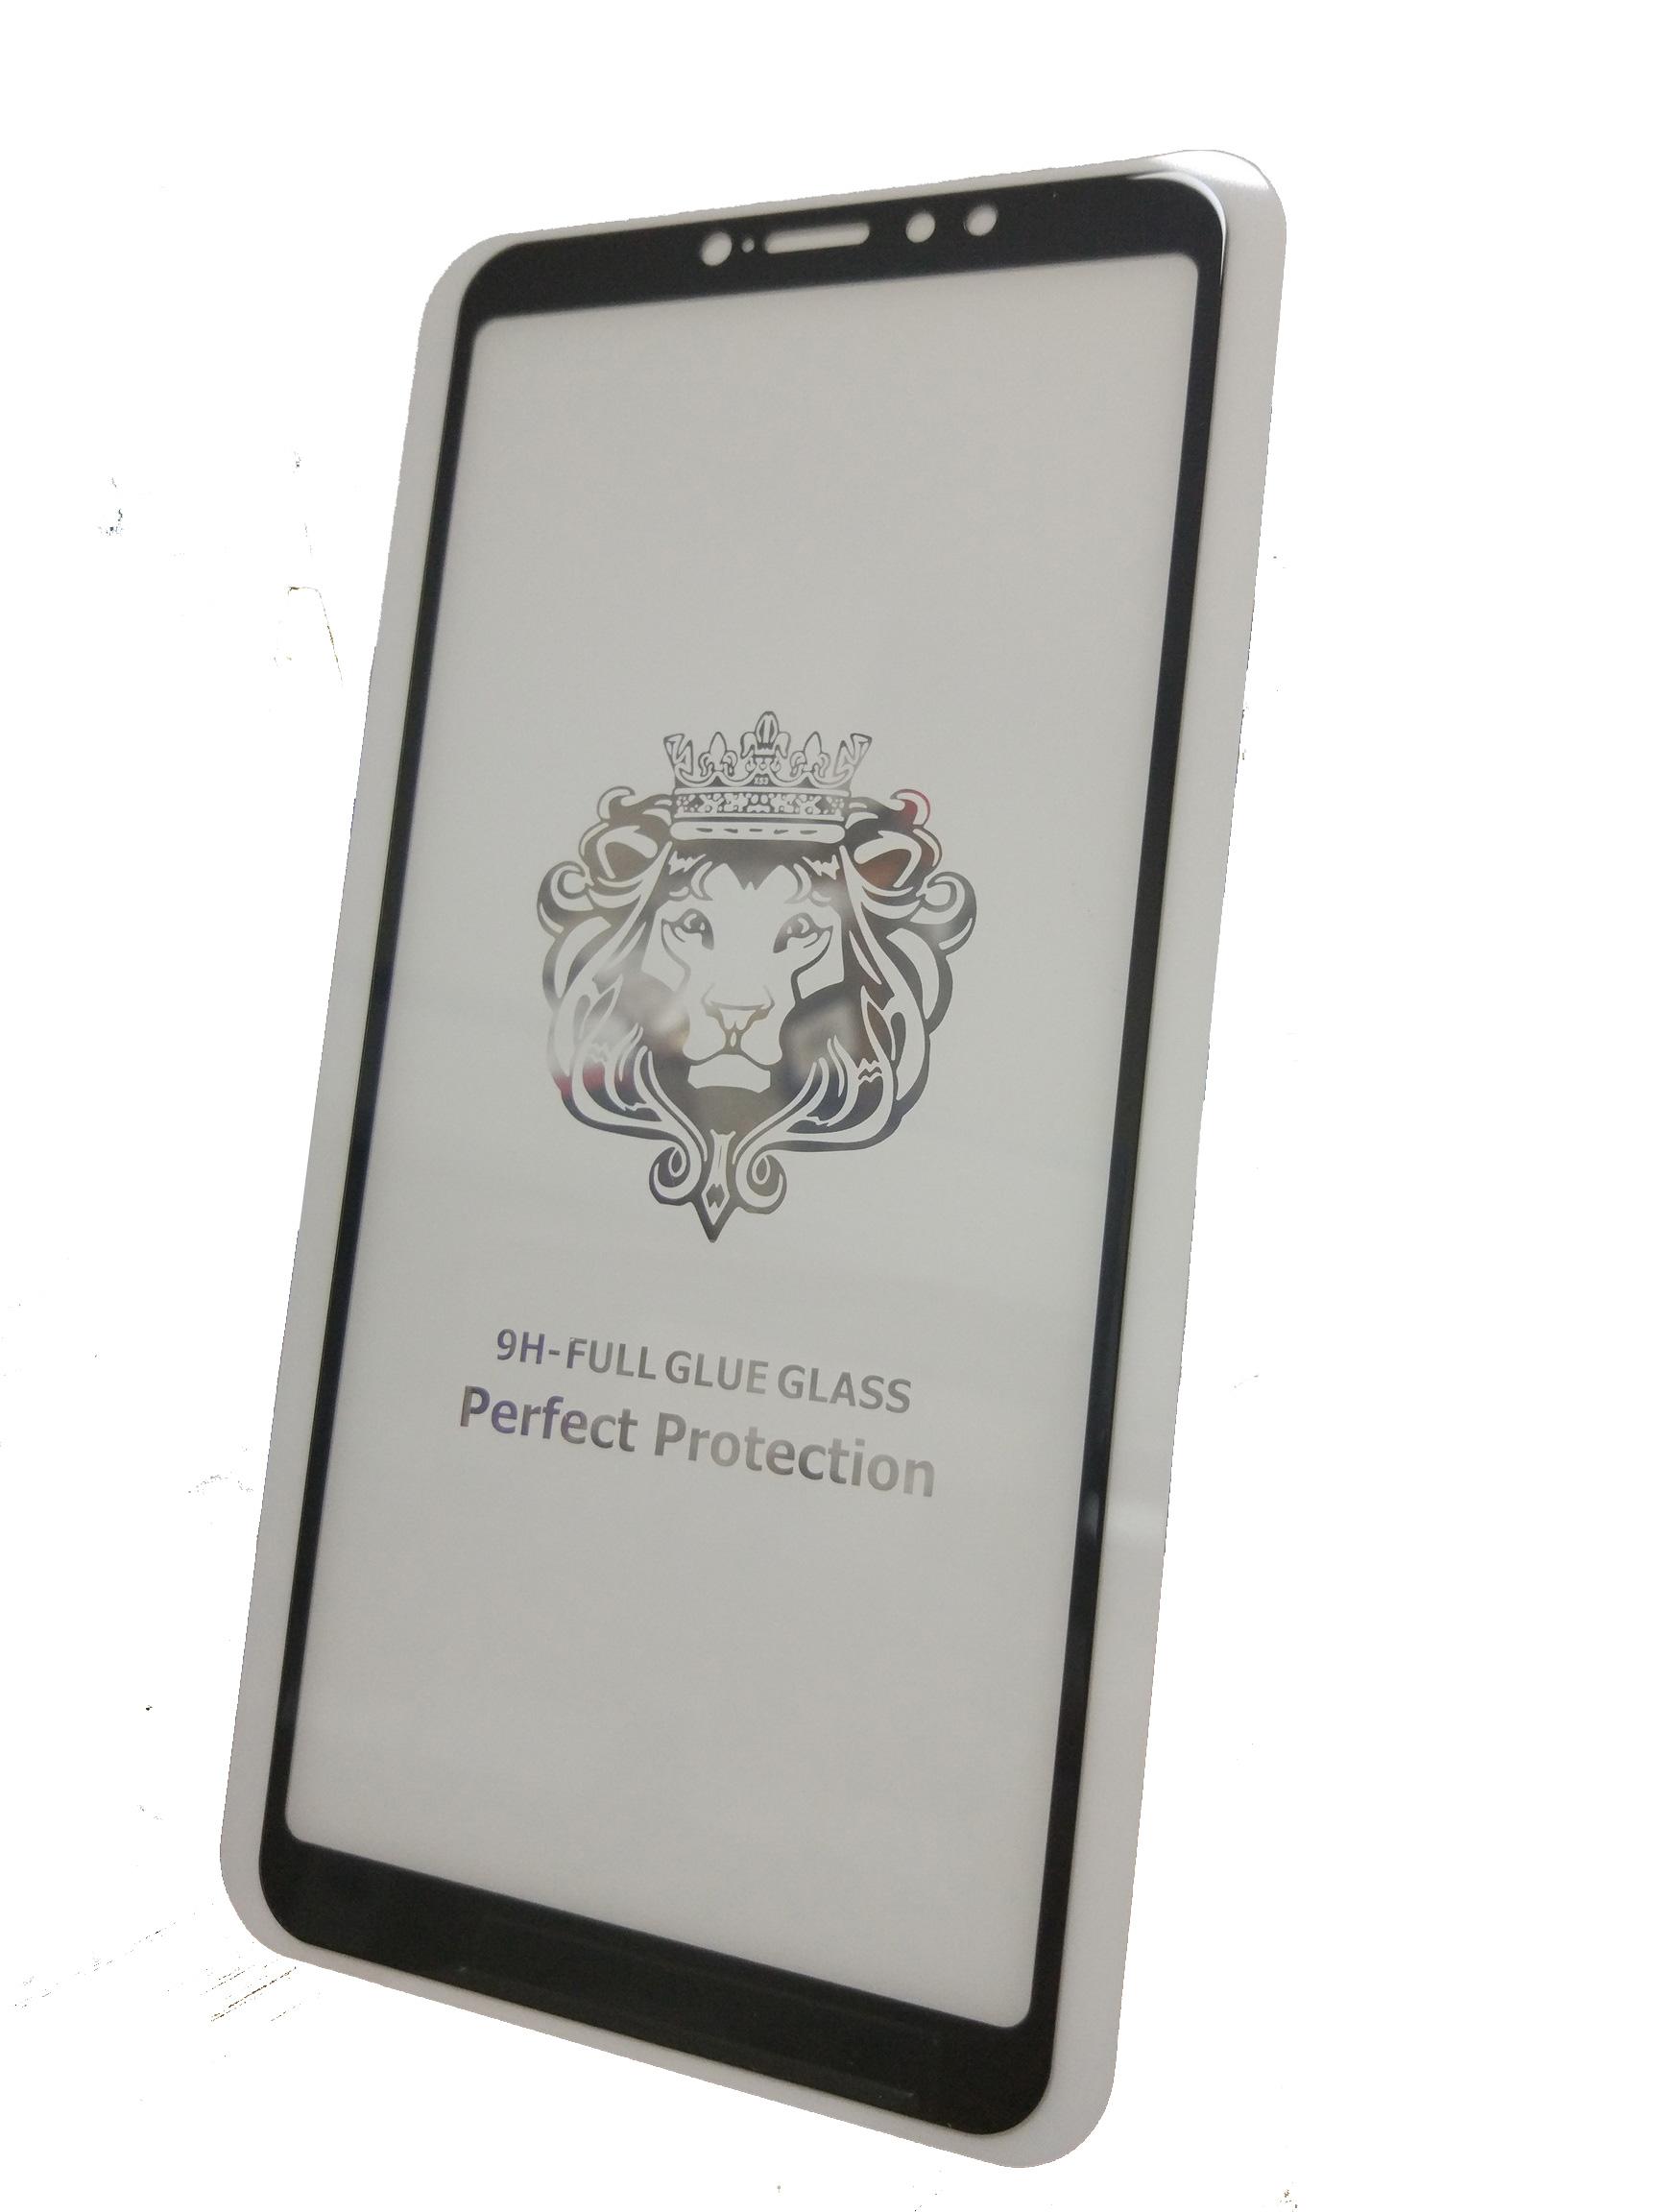 Защитное стекло Xiaomi Mi Max 3 Pro (полная проклейка), черный защитное стекло onext xiaomi mi 8 pro 2018